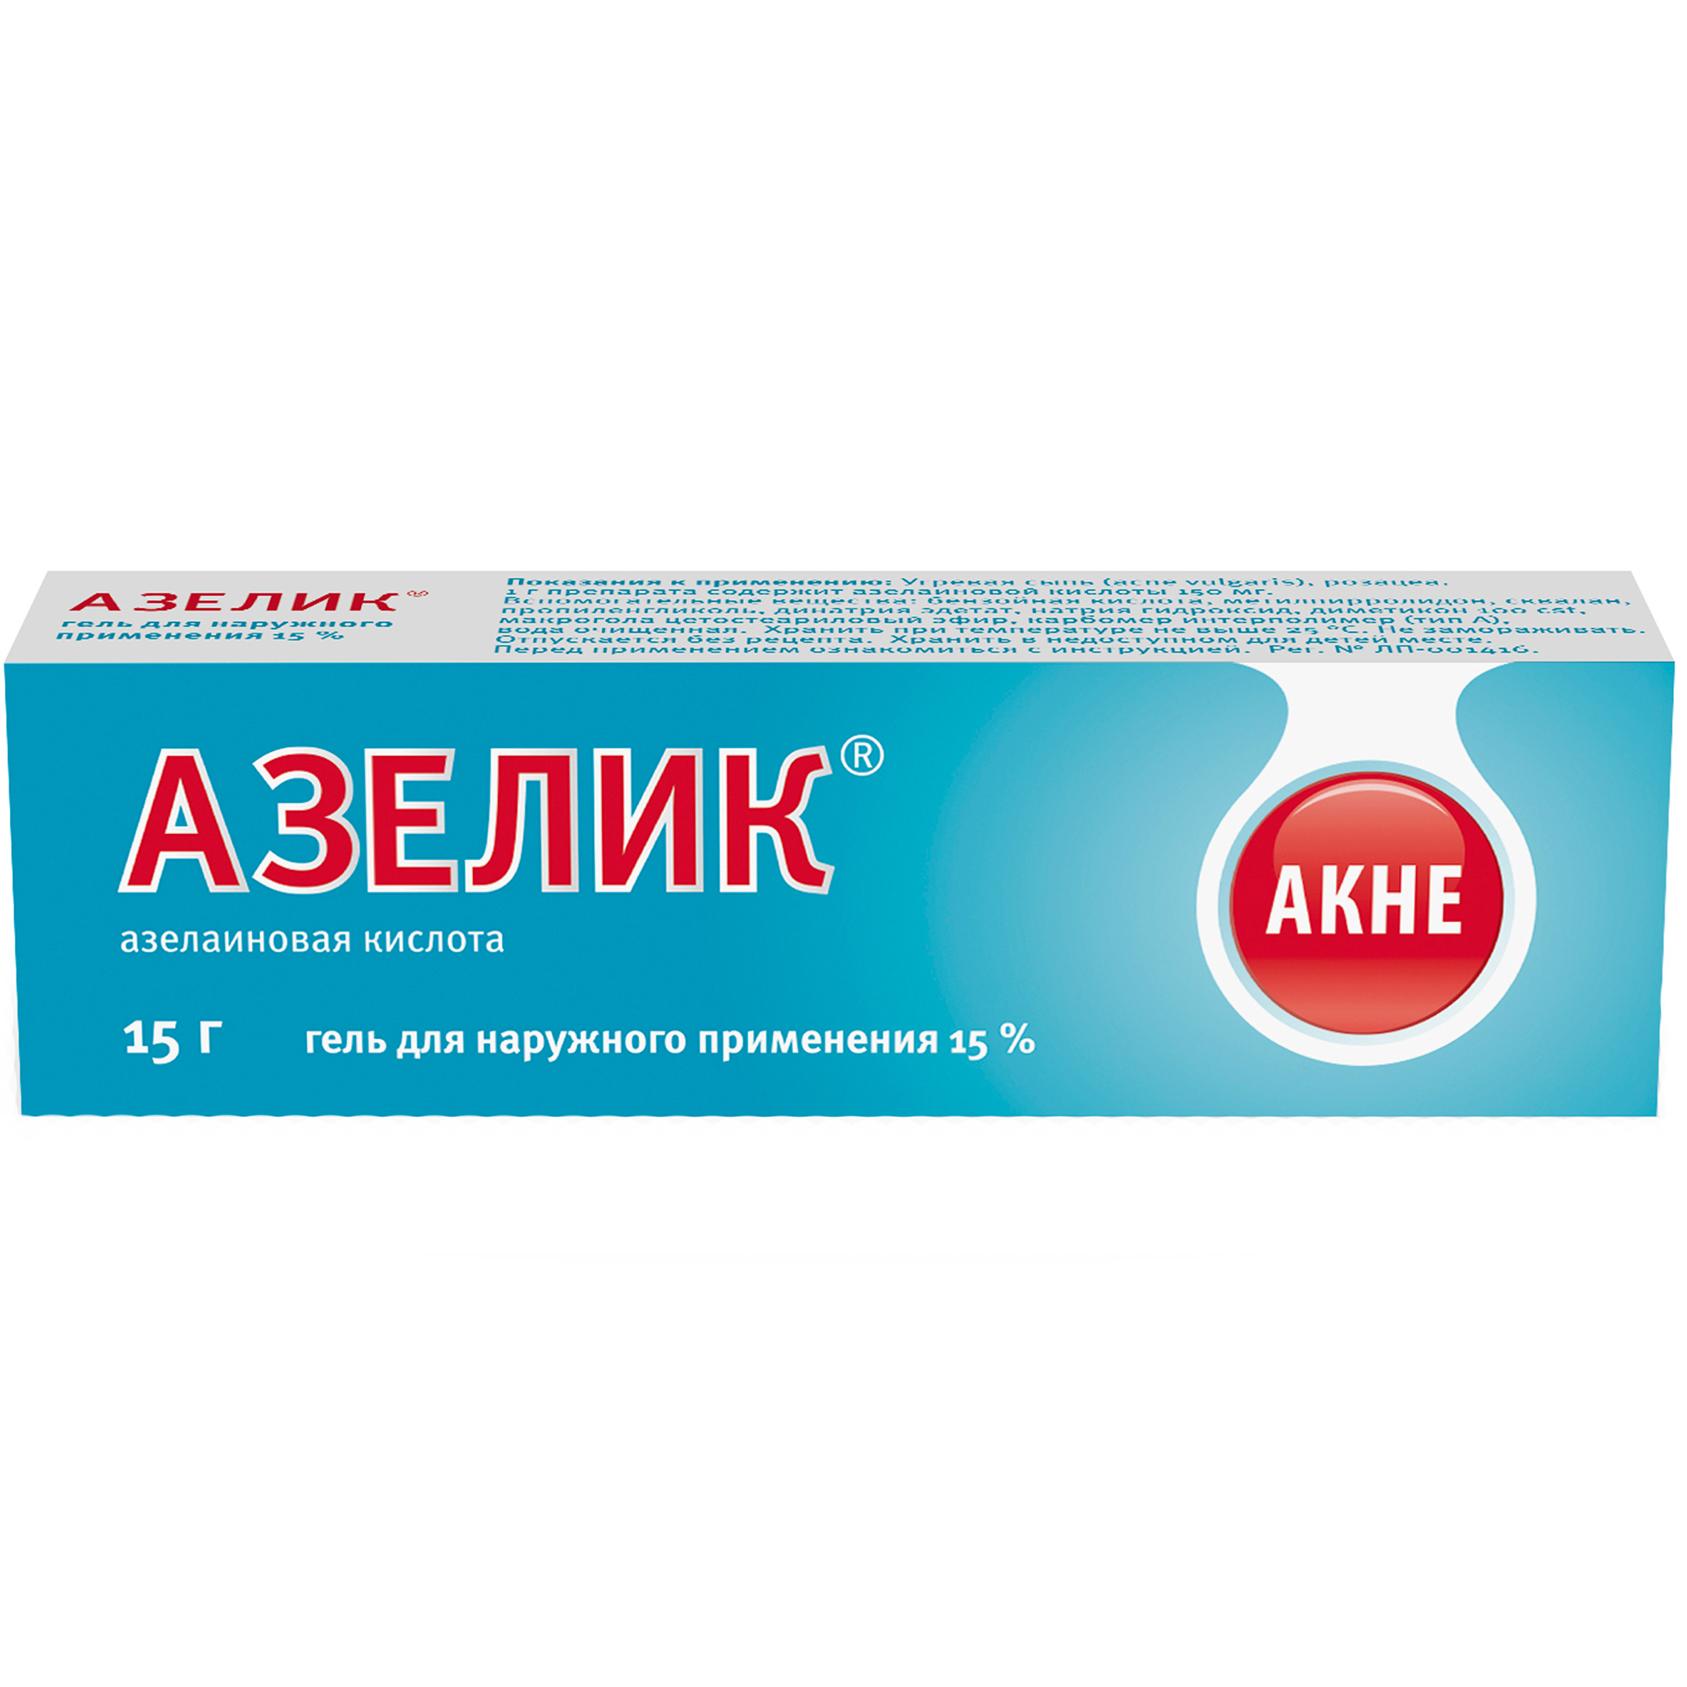 Азелик гель 15% 15 г Химико фармацевтический